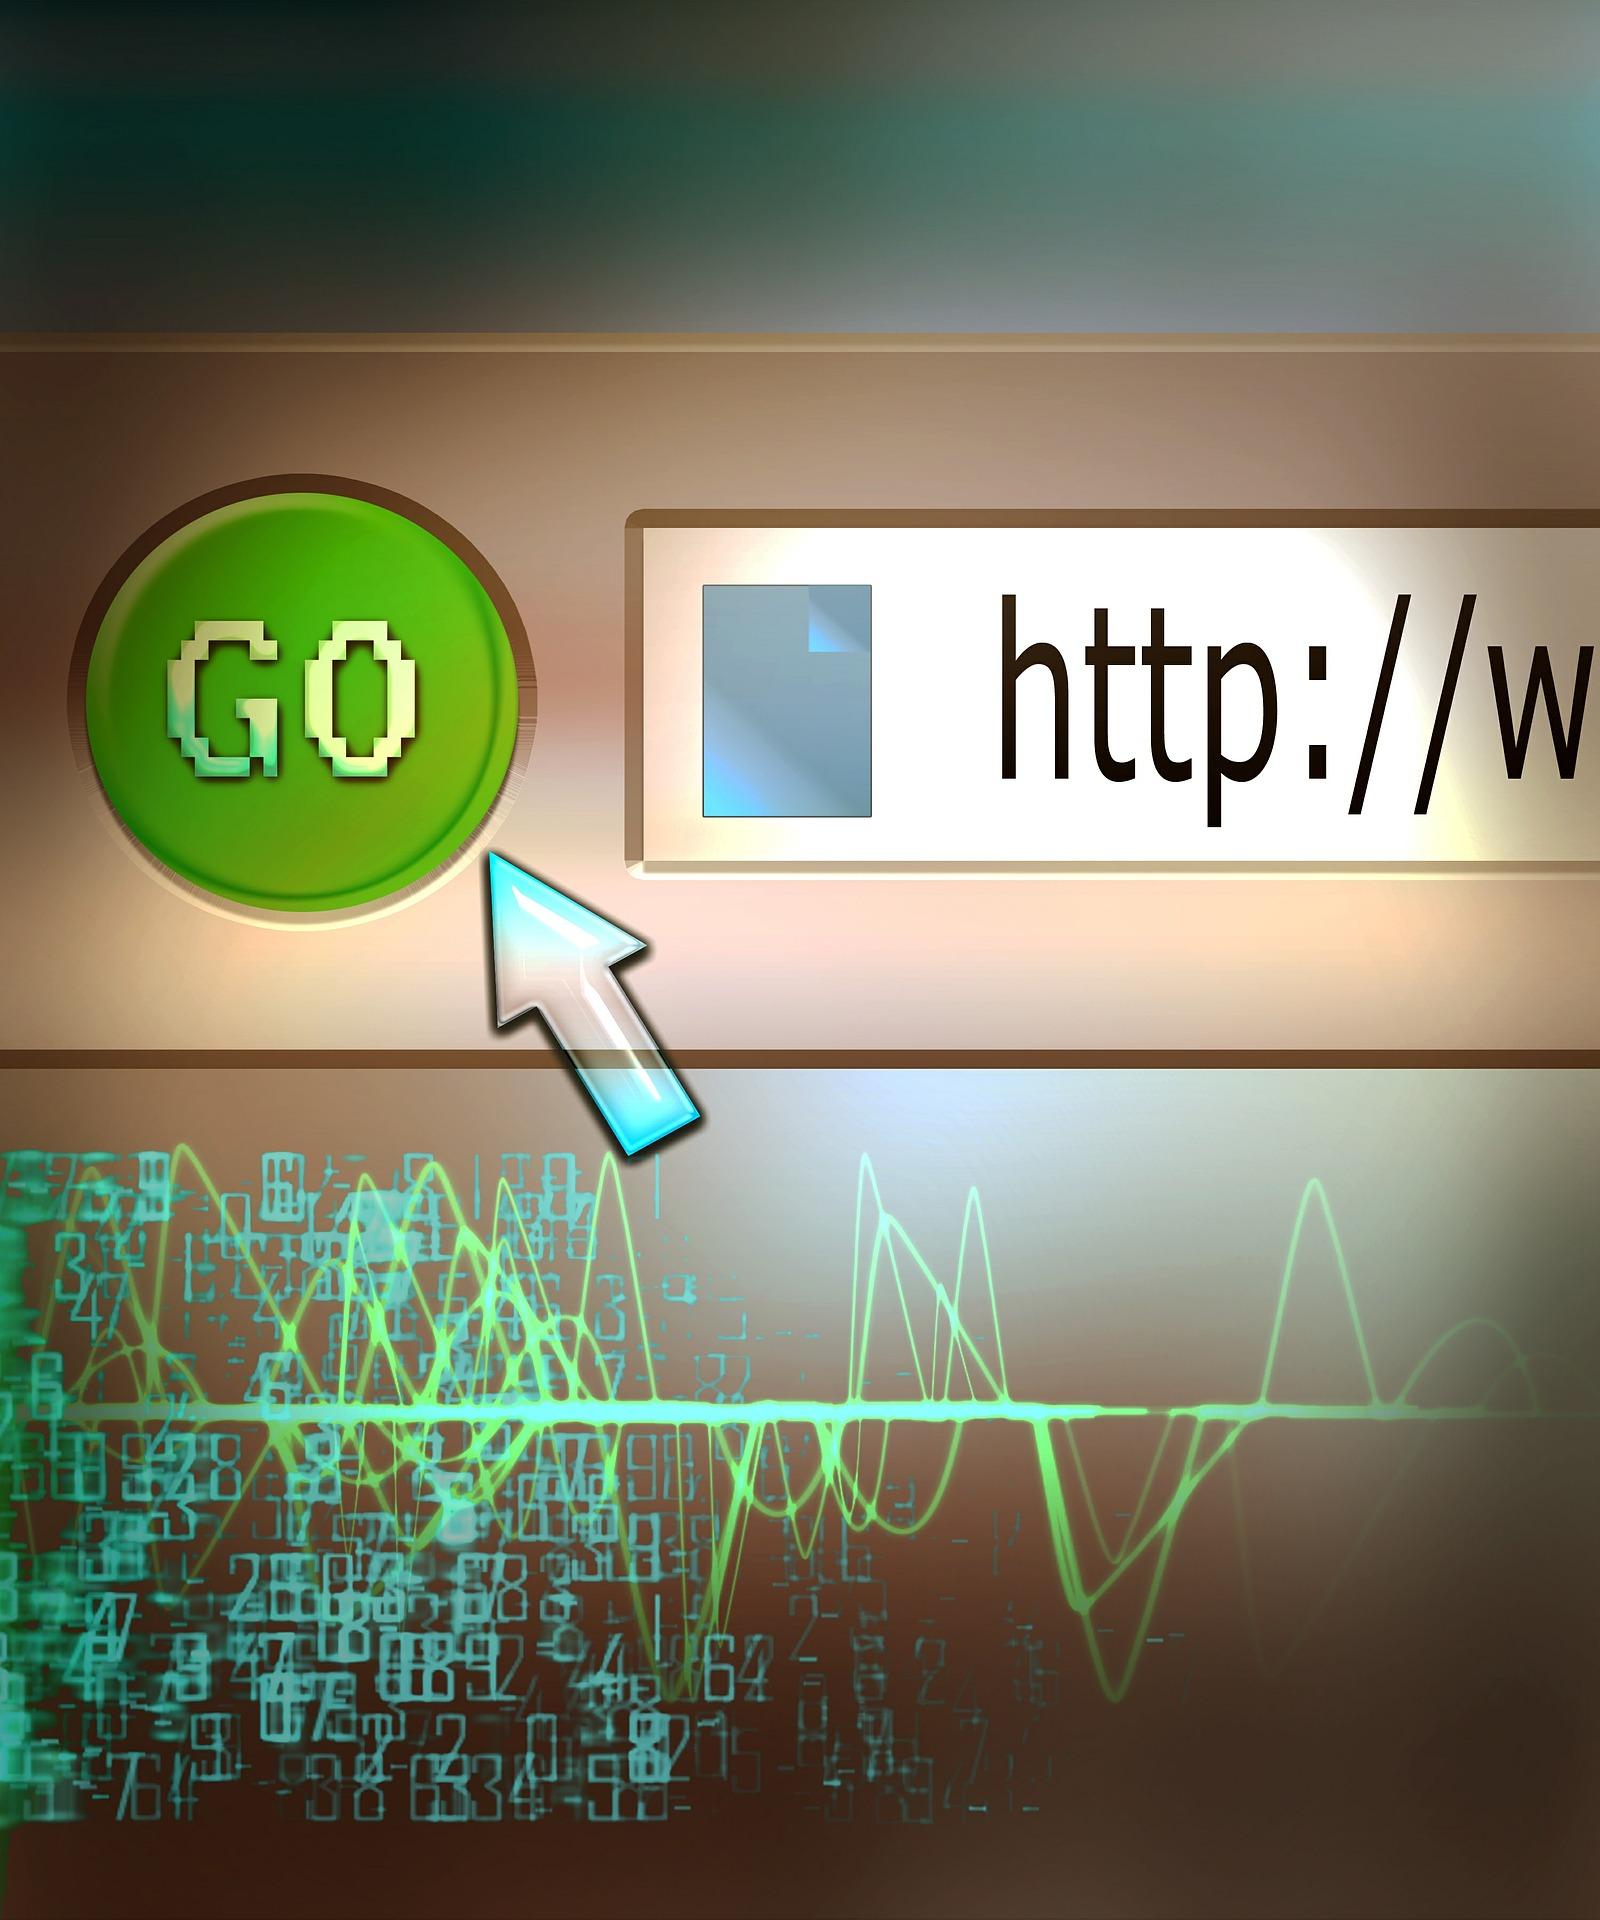 Short URL Dienste – Das sind die besten